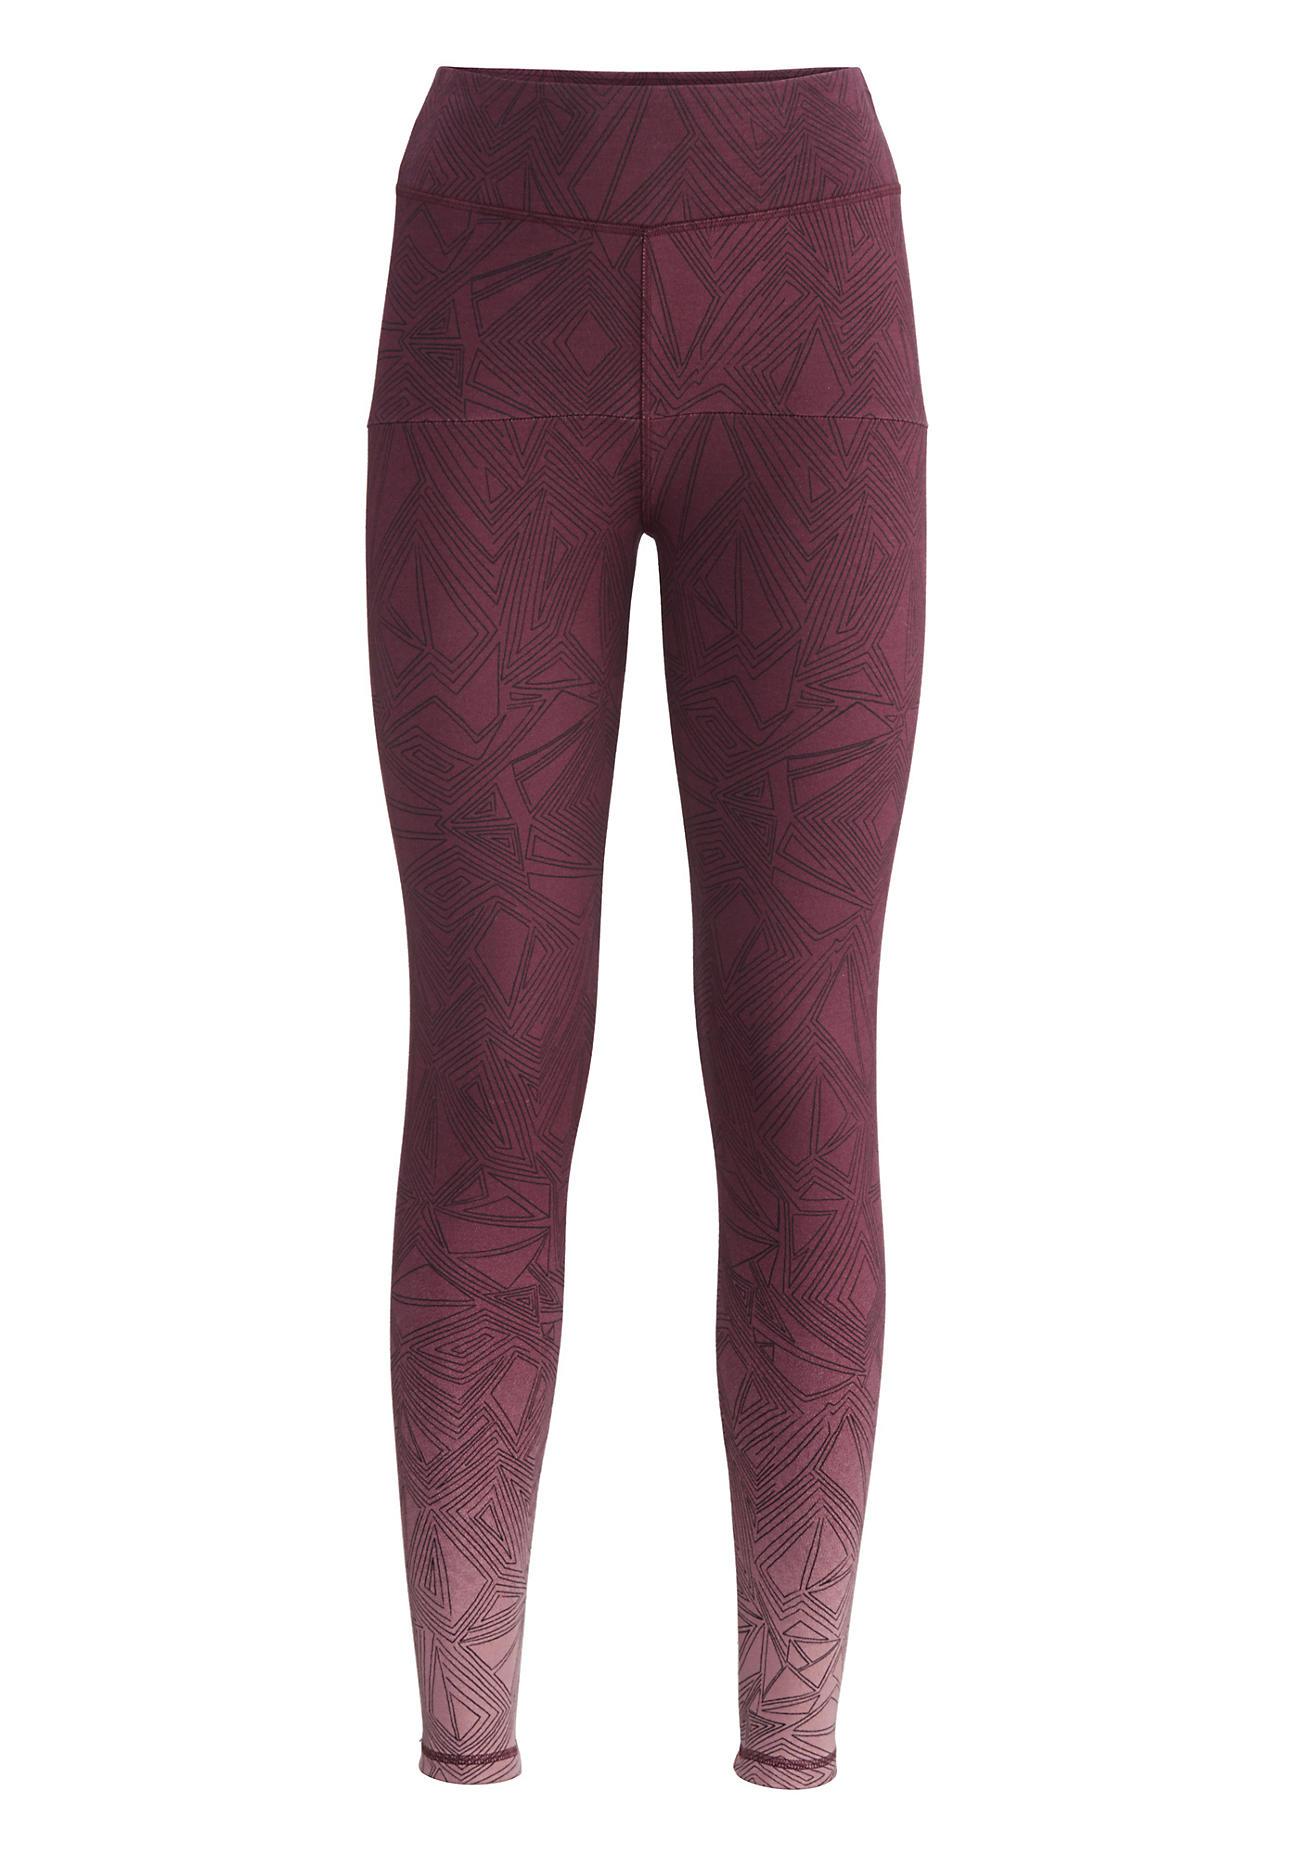 hessnatur Loungewear Leggings aus TENCEL™Modal – lila – Größe 38